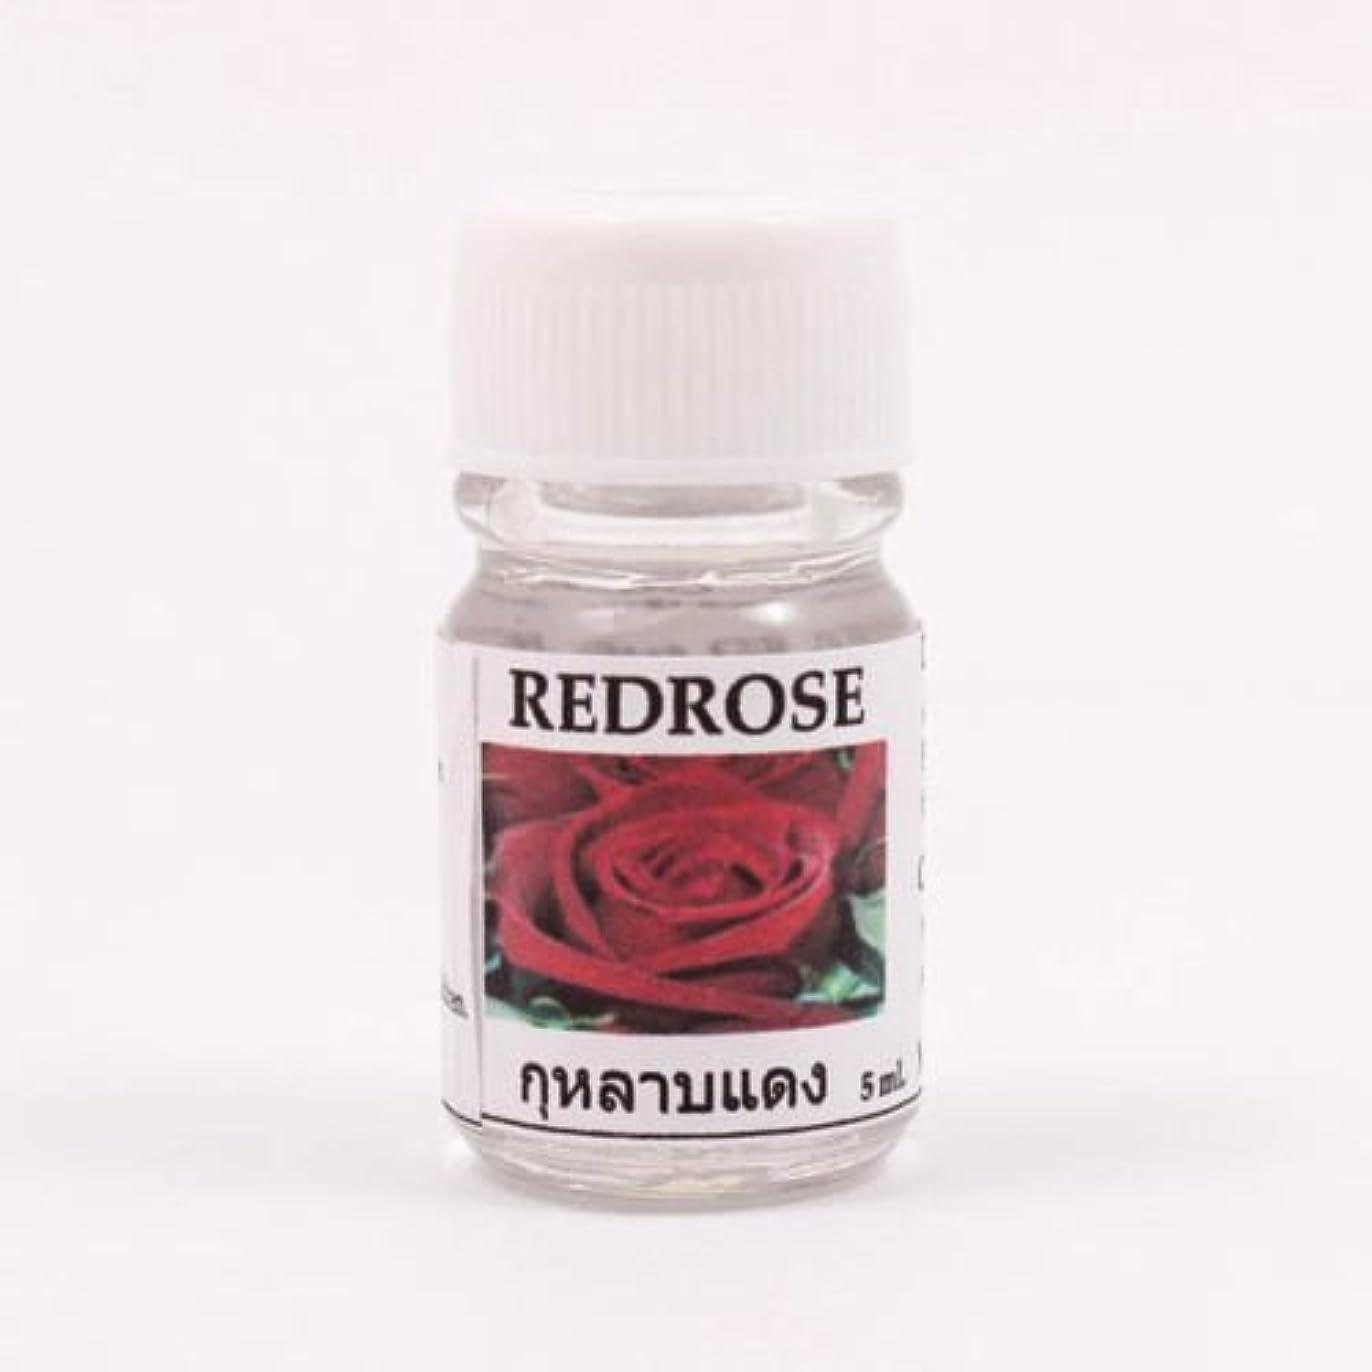 ワークショップ見つけた毛細血管6X Red Rose Aroma Fragrance Essential Oil 5ML (cc) Diffuser Burner Therapy